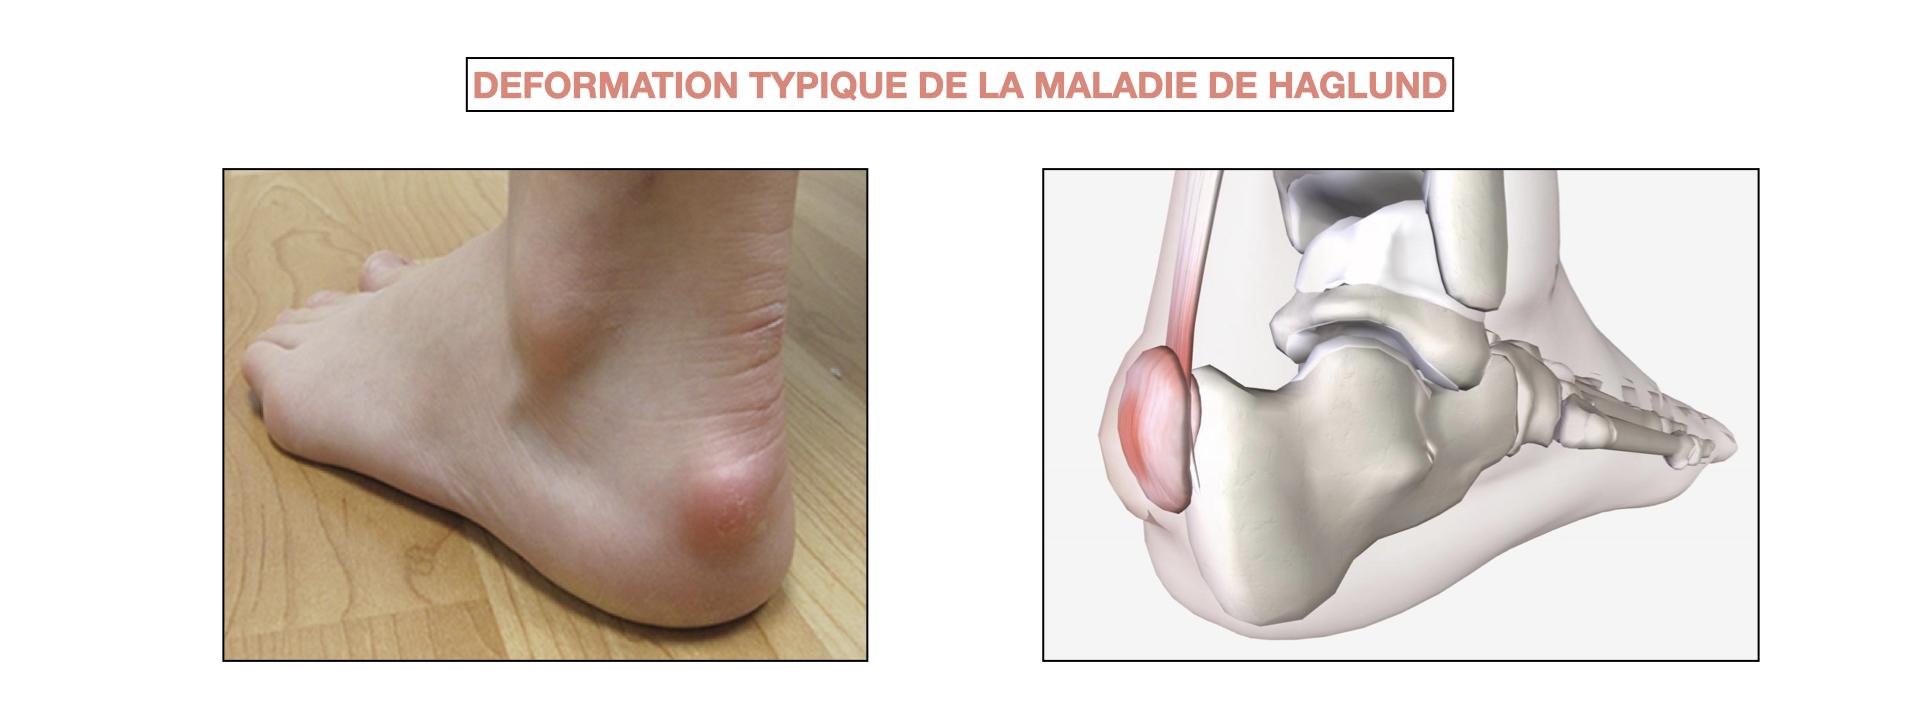 Déformation typique de la maladie de Haglund